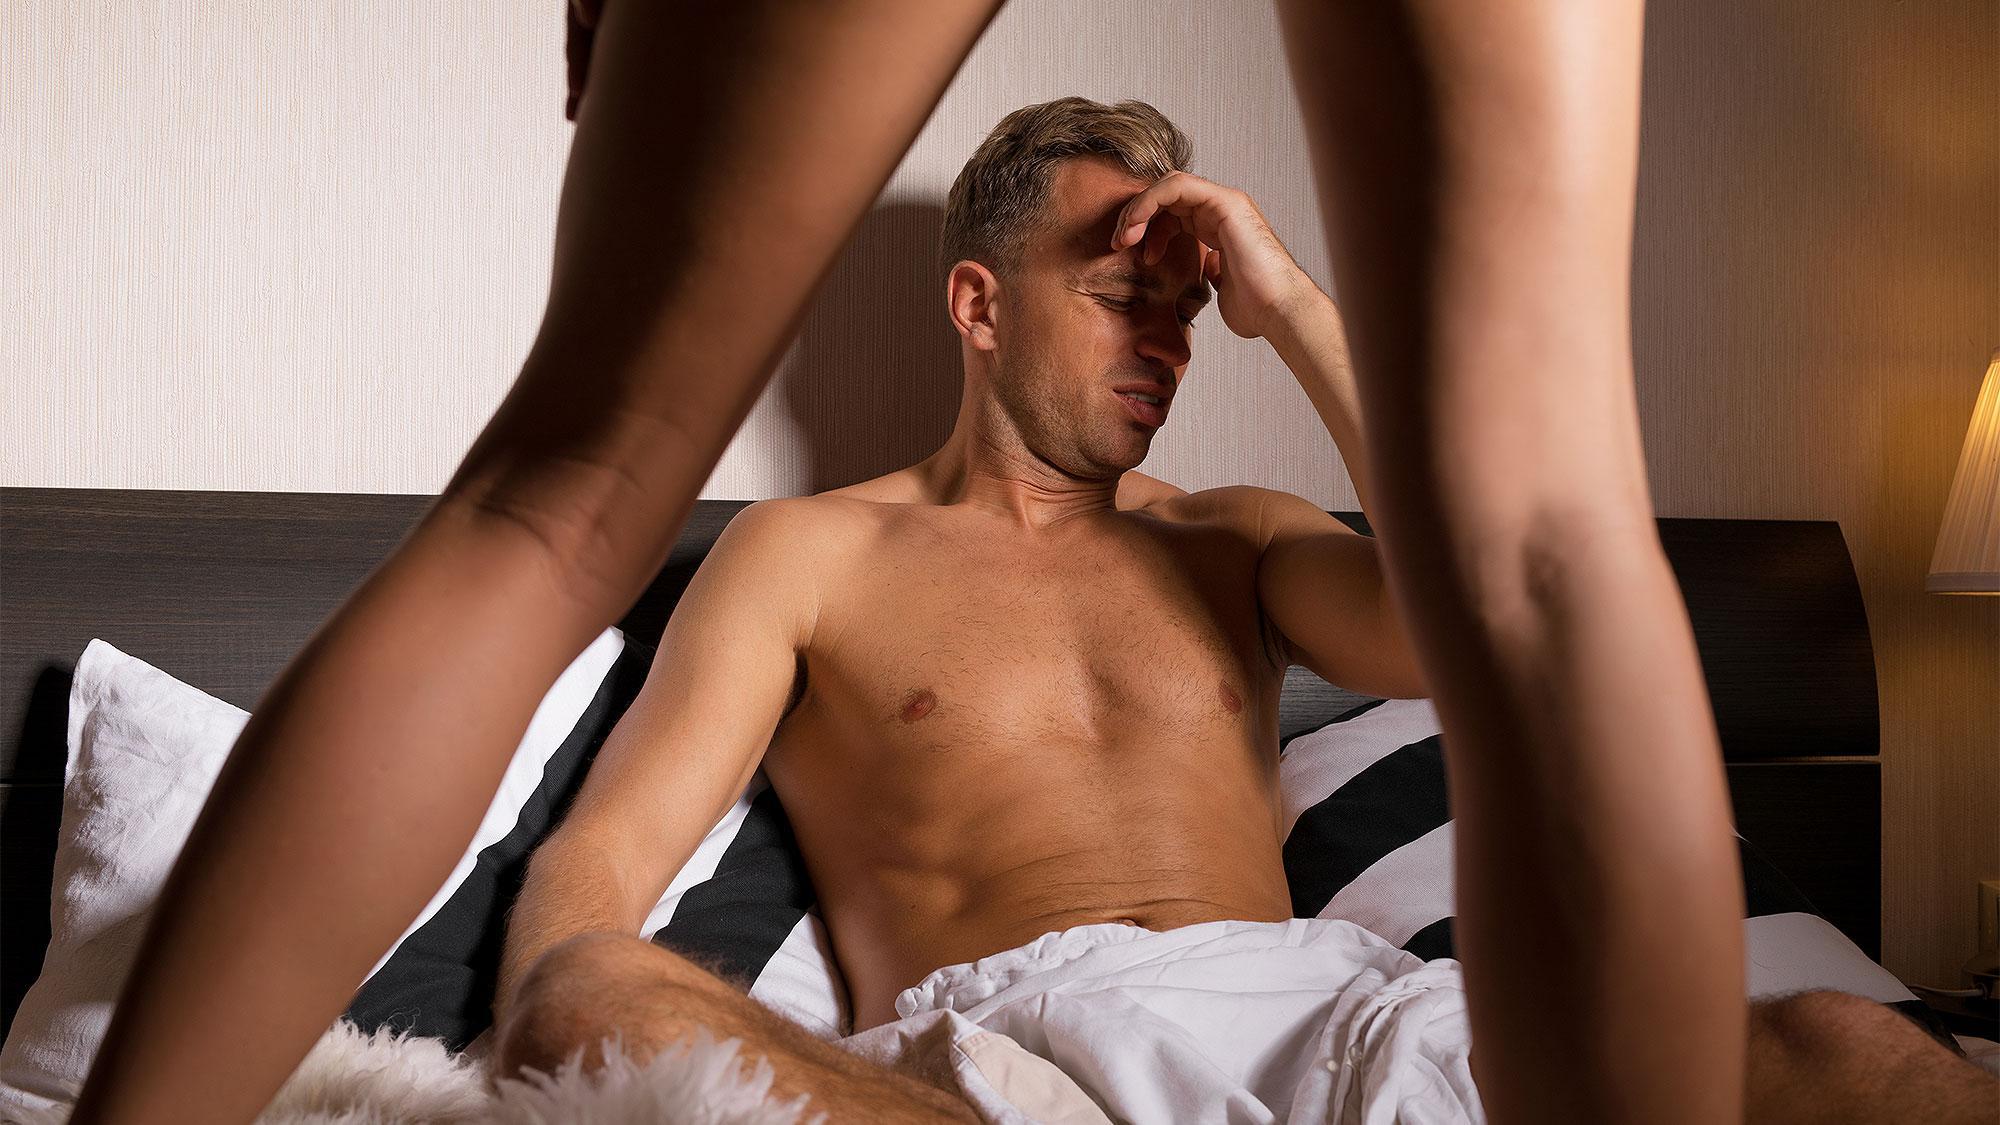 Жизнь без интима. Чем вредно и полезно сексуальное воздержание для женщин